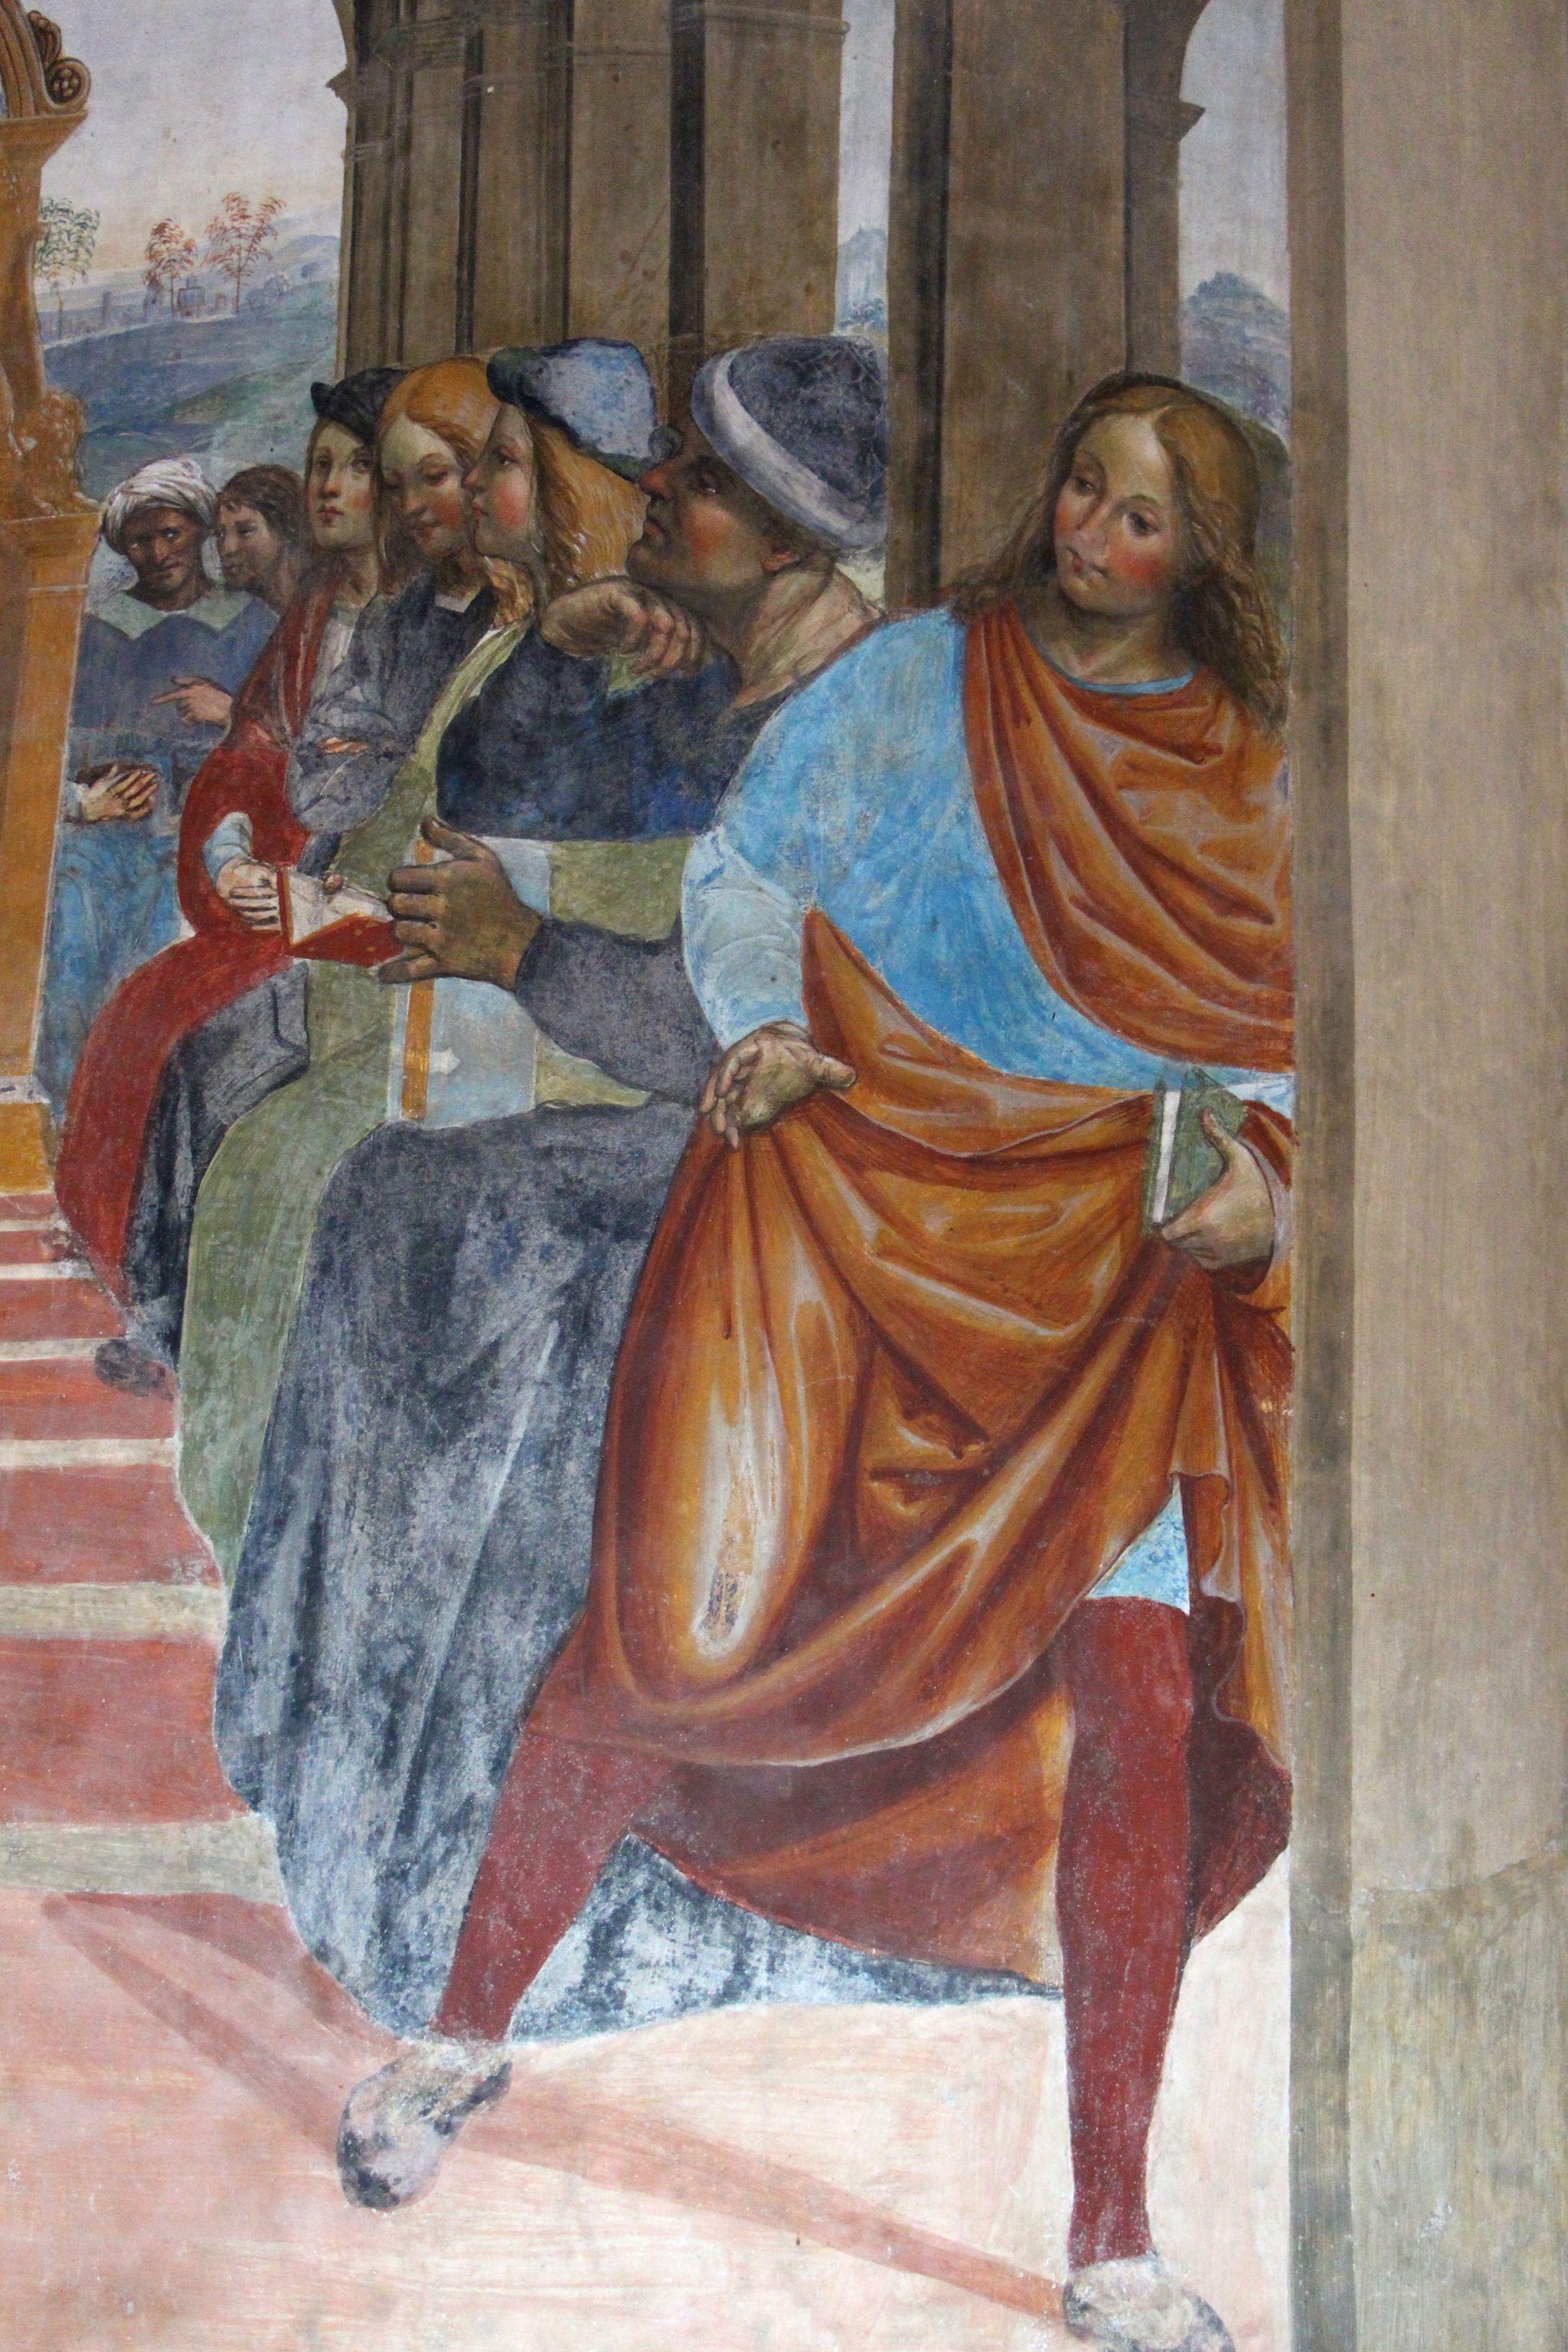 Storie di s. benedetto, 02 sodoma - Come Benedetto abbandona la scuola di roma 05